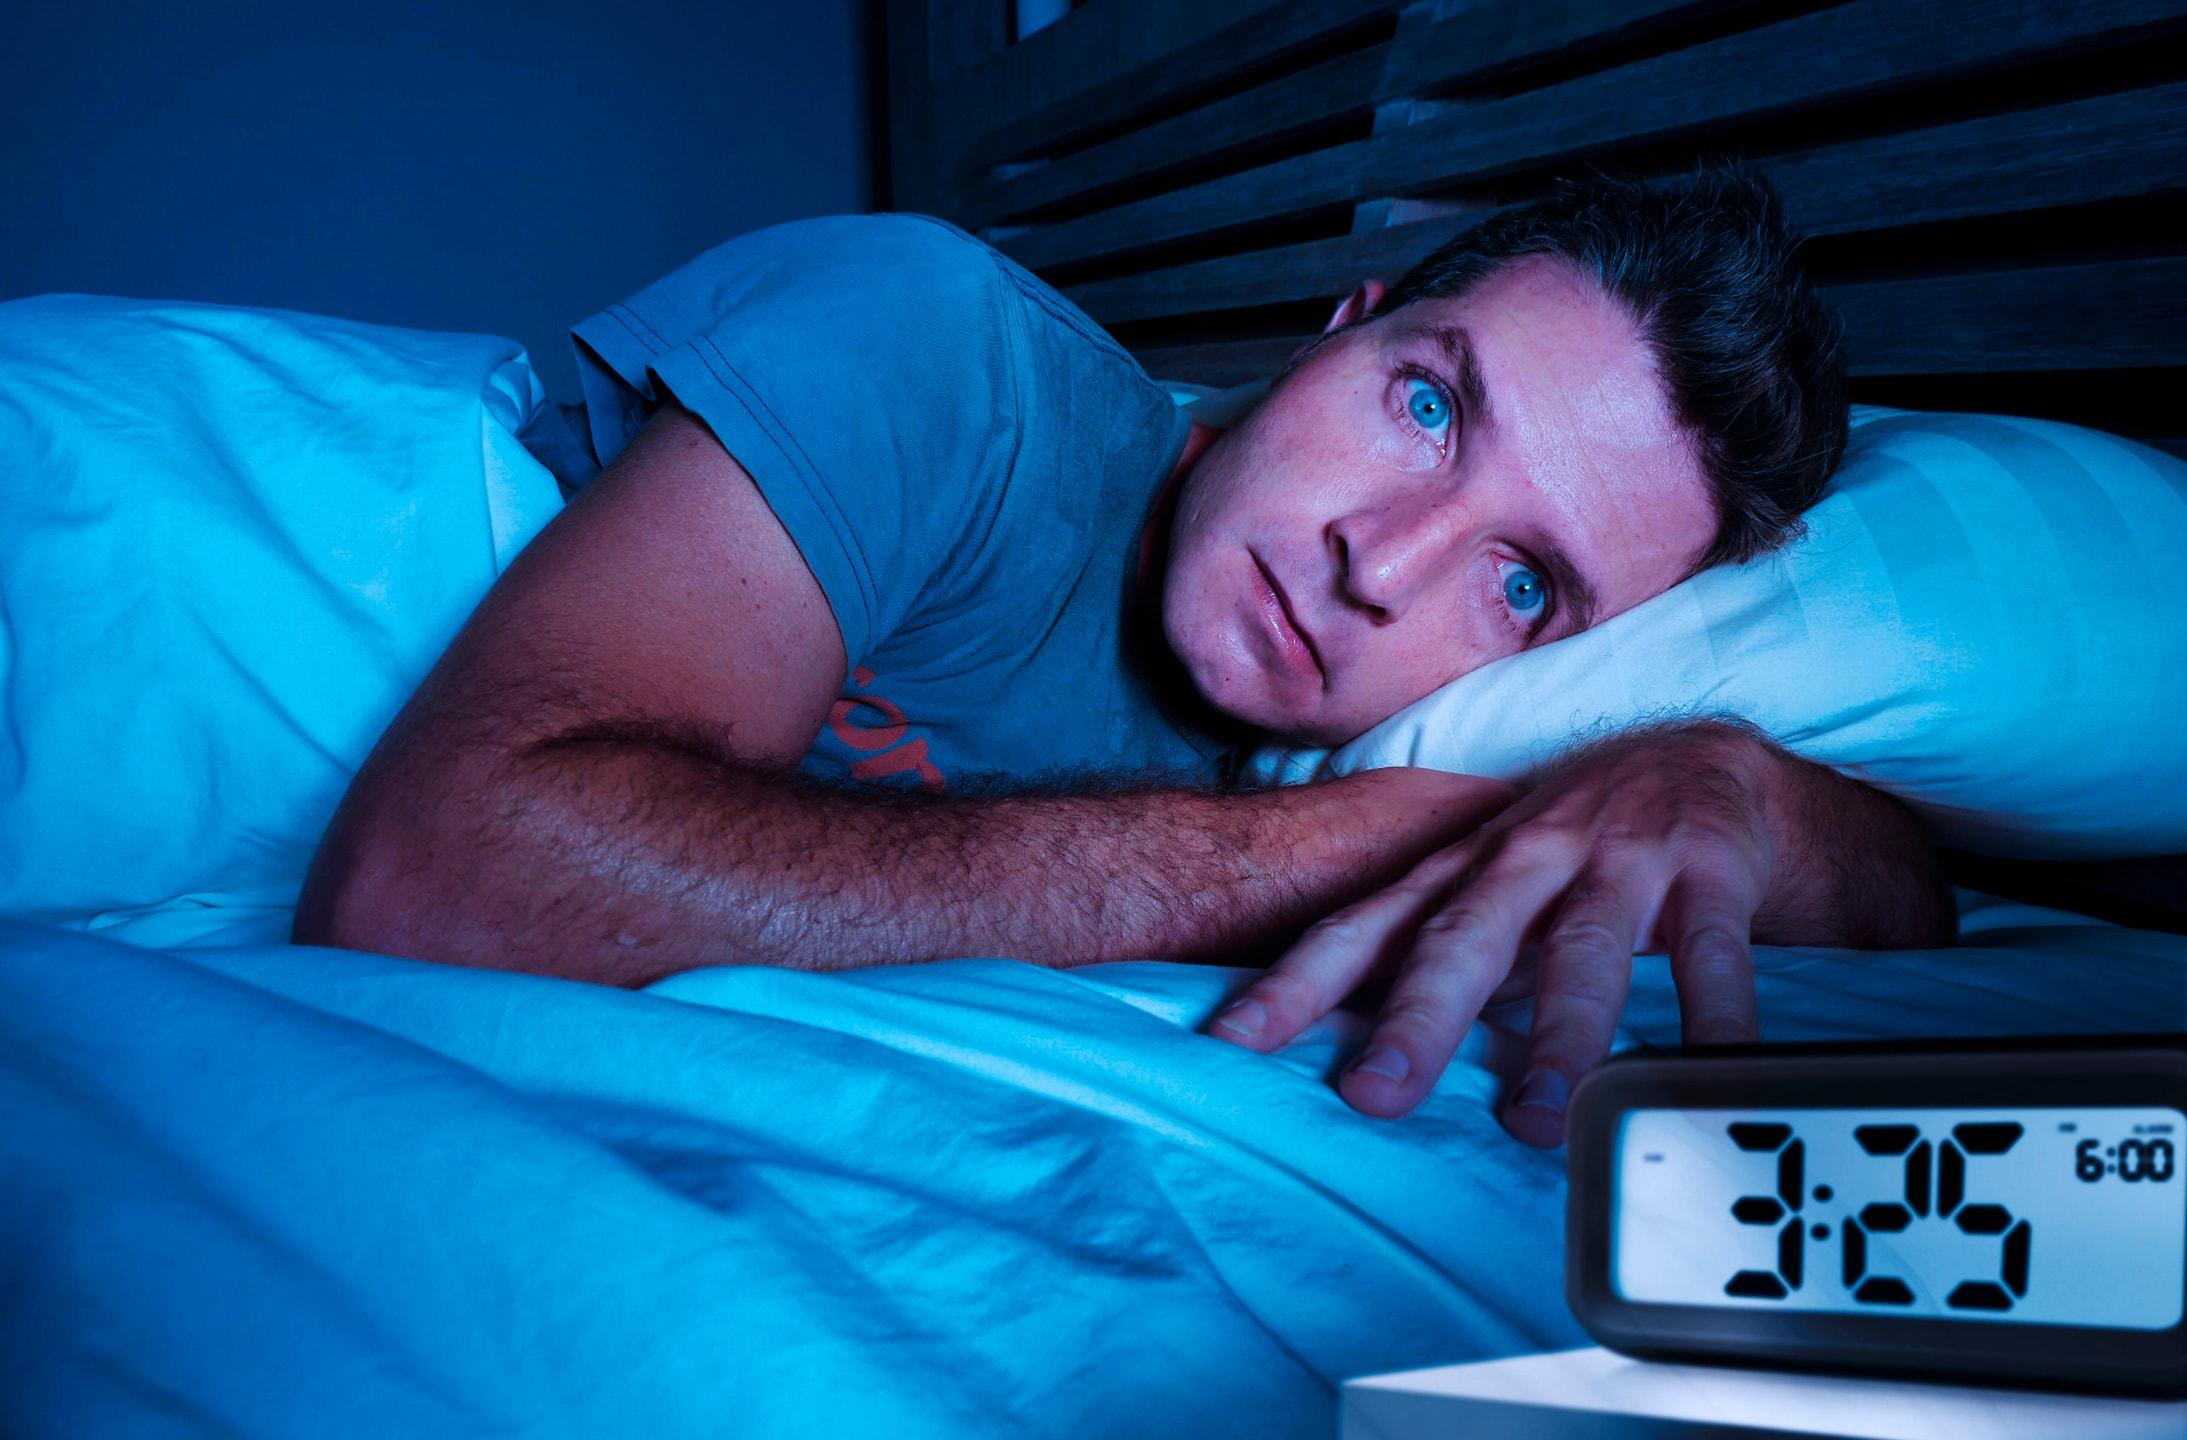 Du willst besser einschlafen? Das hilft!